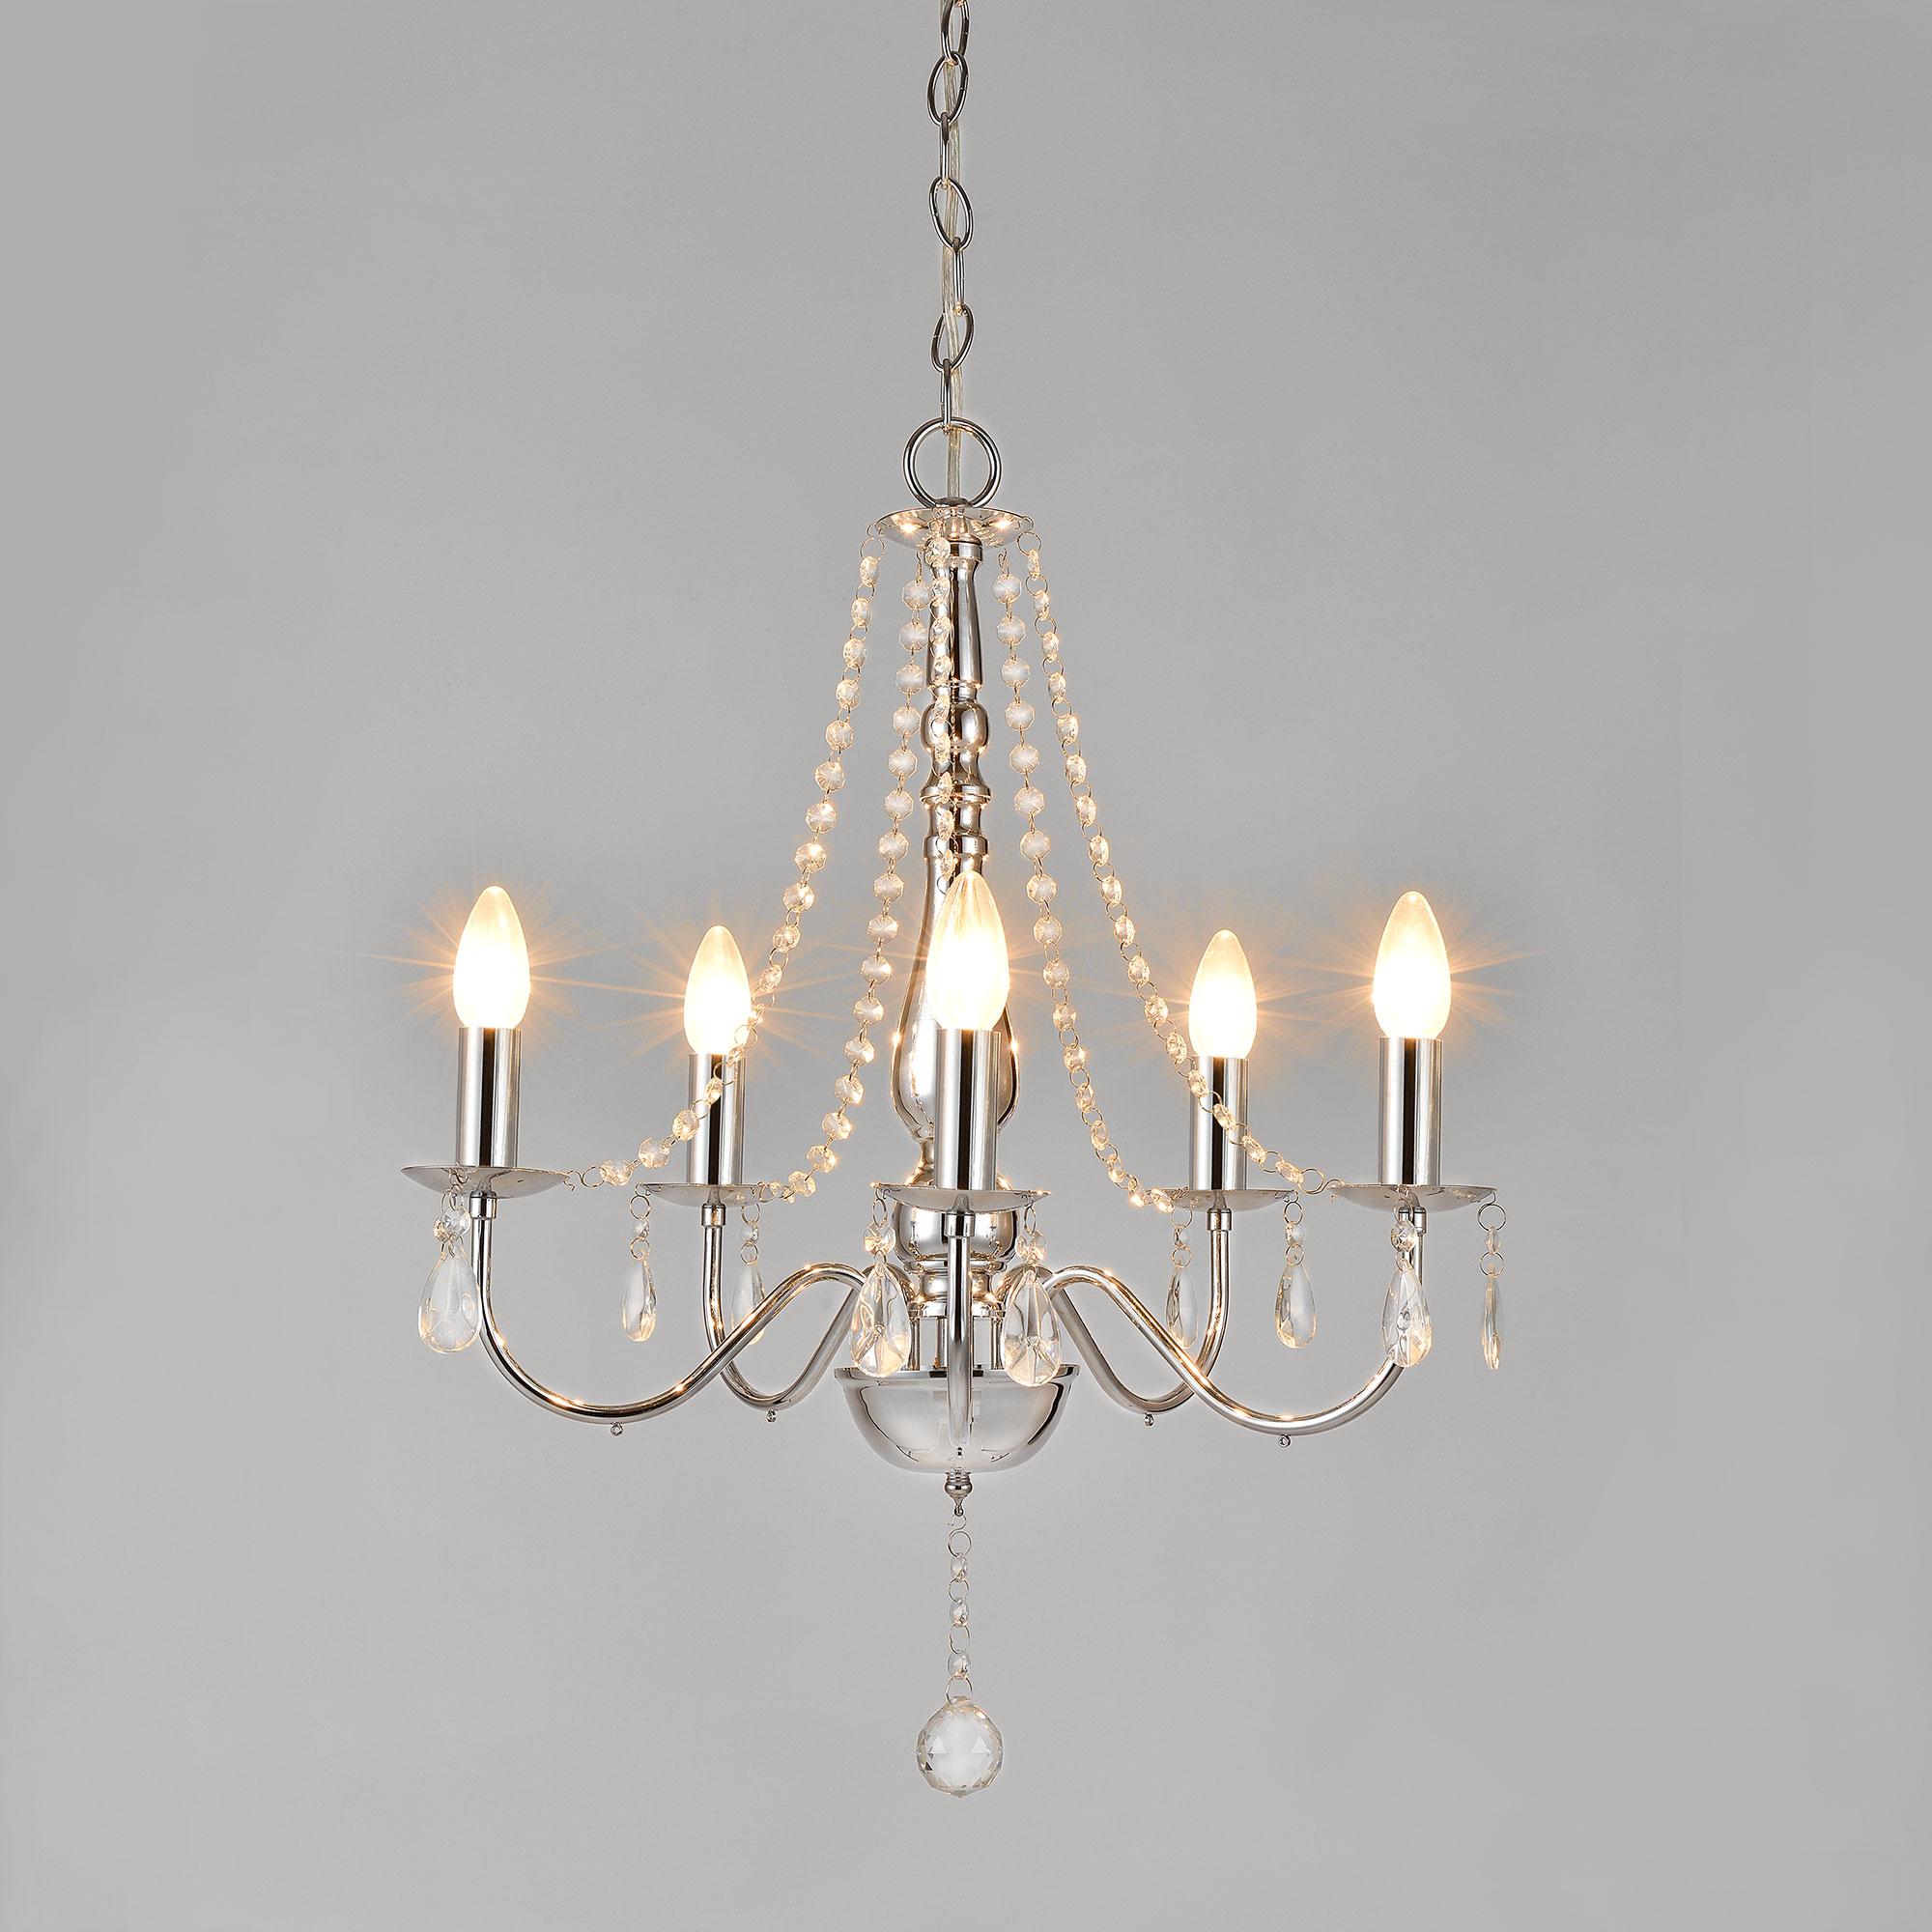 moderne plafonnier en cristal lustre suspensions 5 flammig lustre lampe ebay. Black Bedroom Furniture Sets. Home Design Ideas